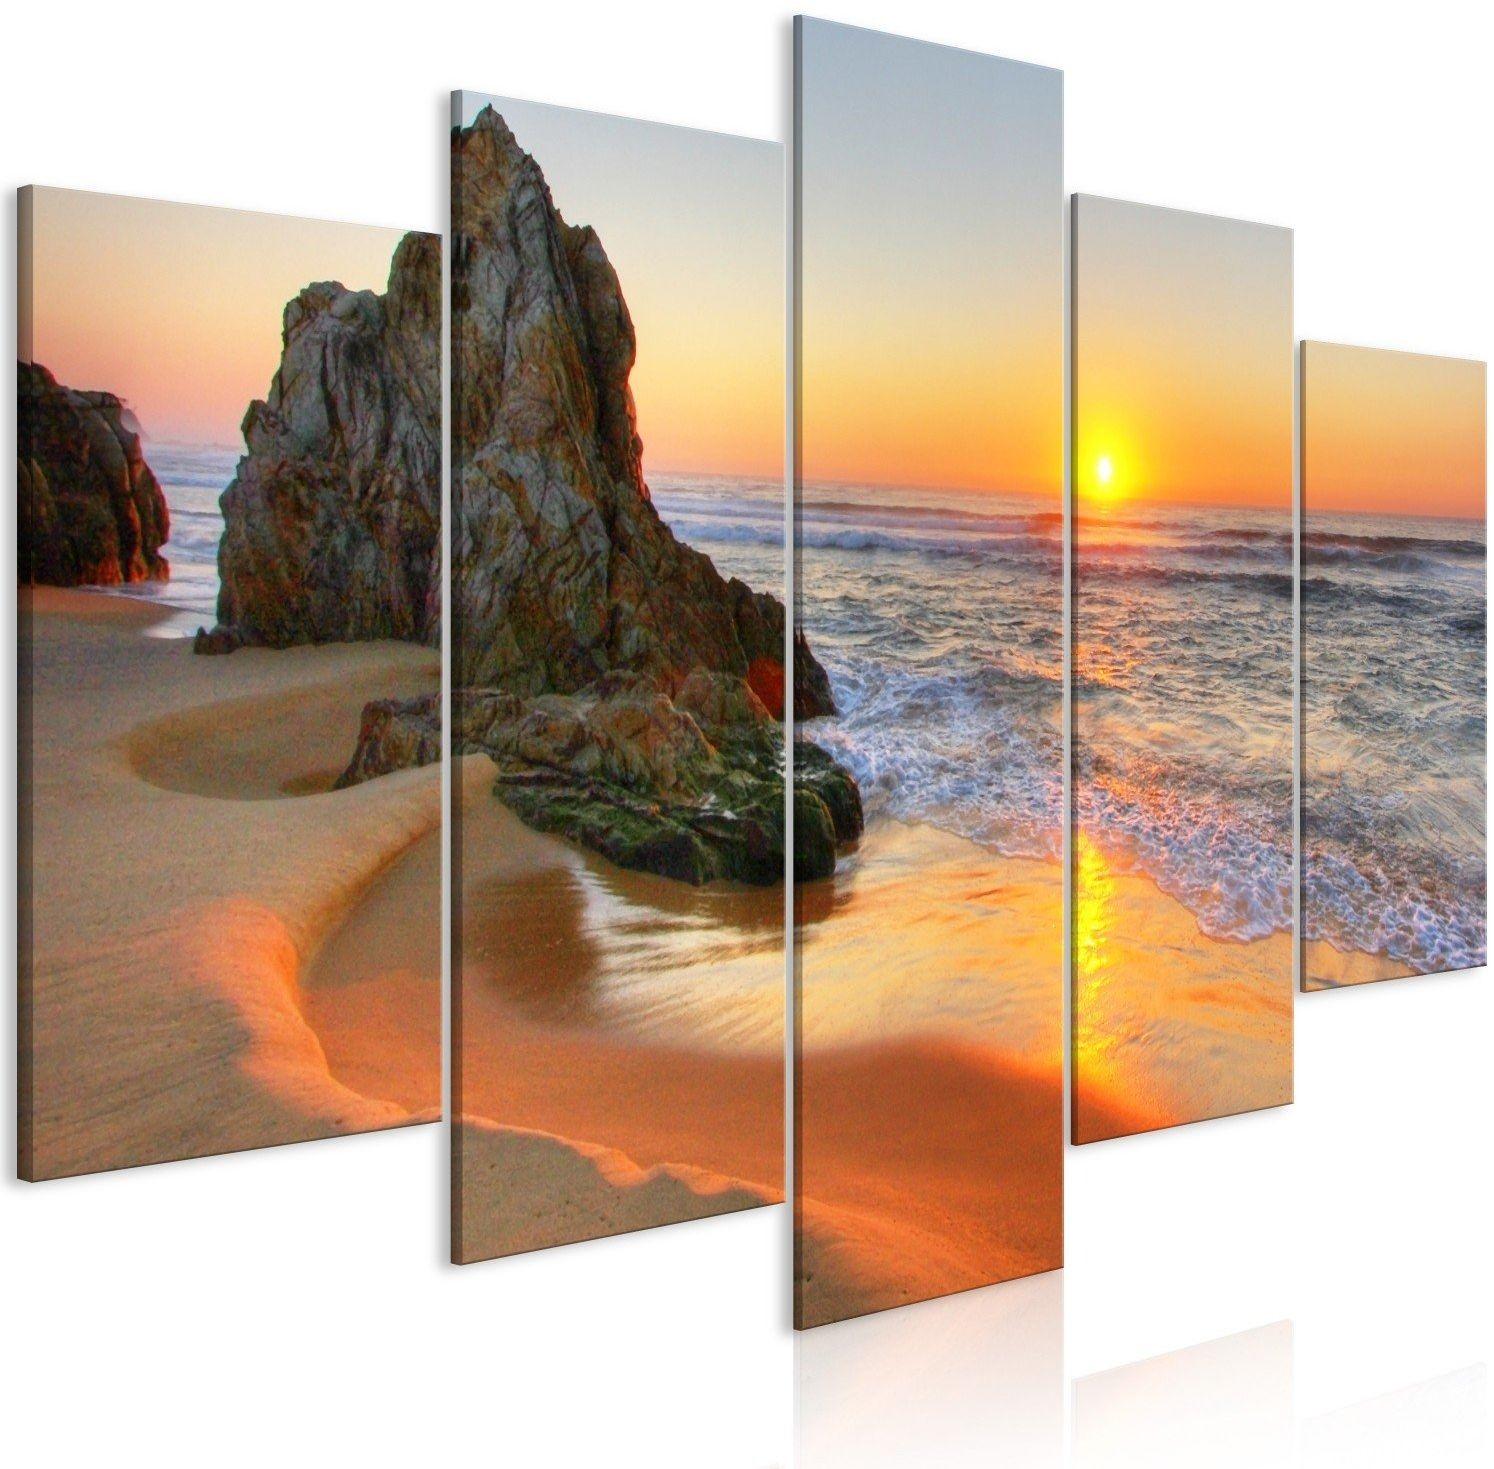 Obraz - spotkanie o zachodzie słońca (5-częściowy) szeroki